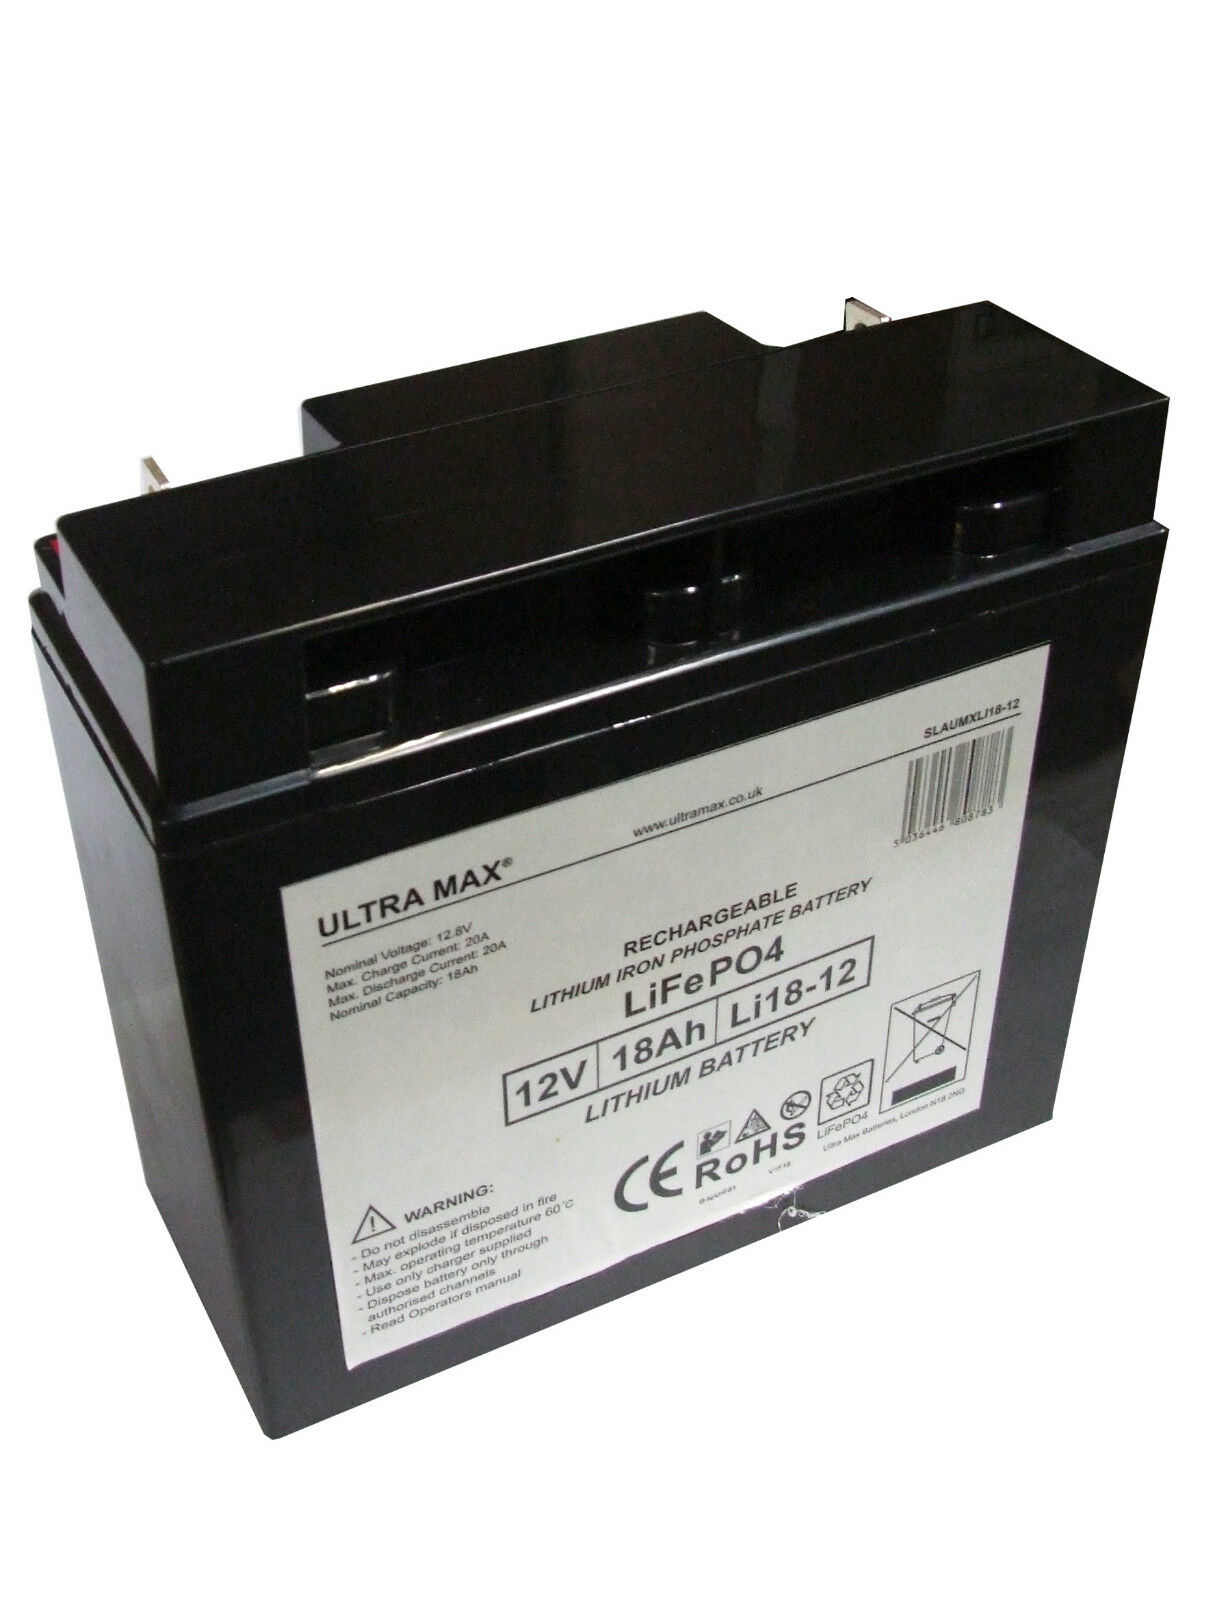 Dsr PSJ3612 Dc Energía Source 3600 Pico Amps Jump Arrancador 18AH Rep Litio Pila